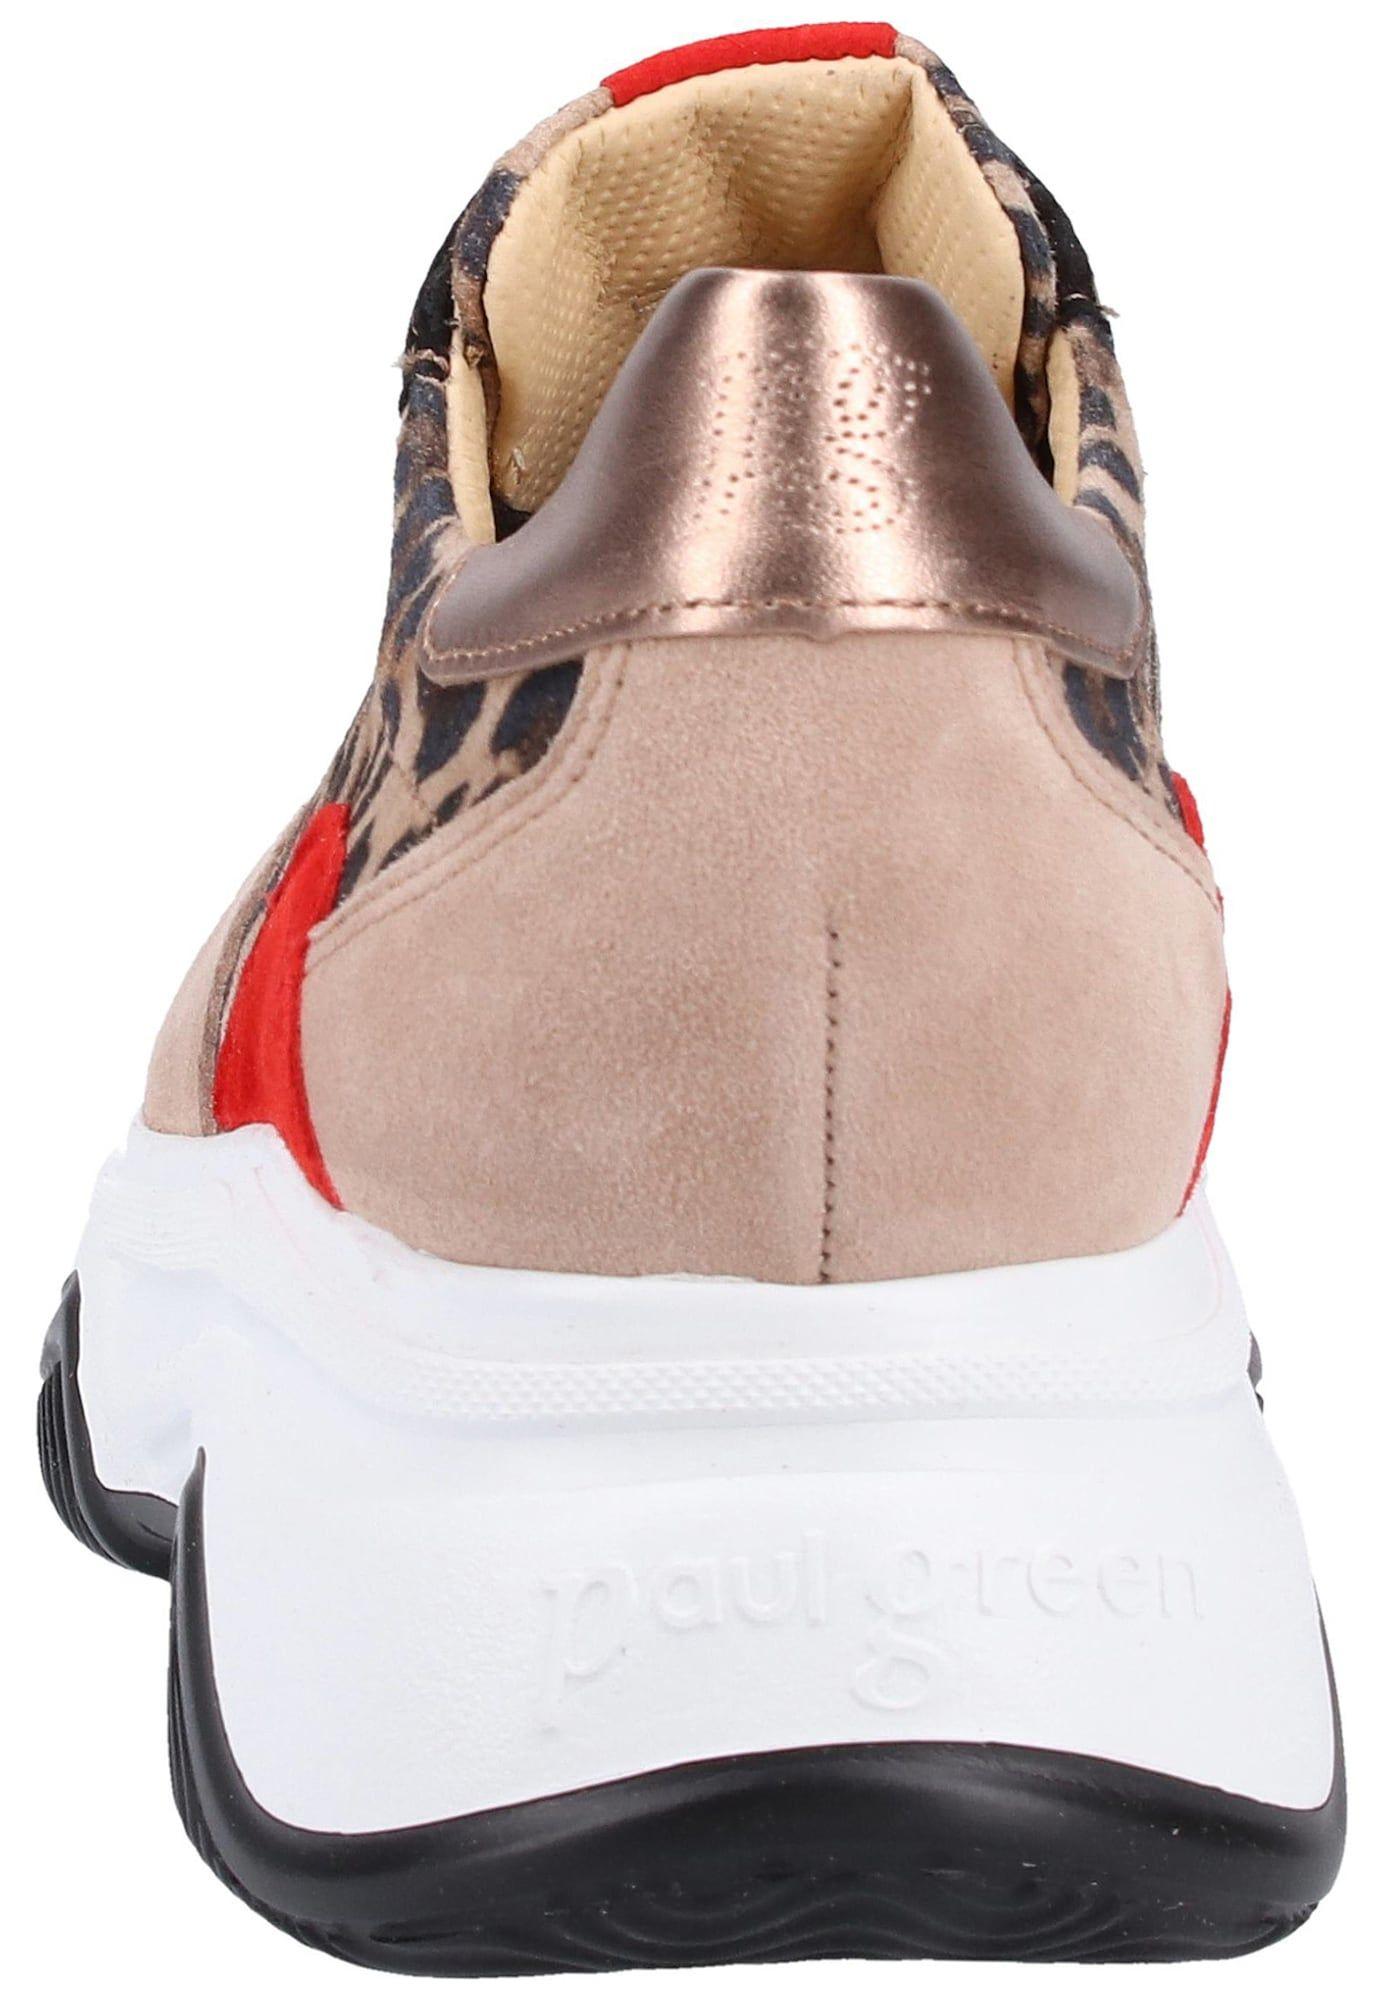 Paul Green Sneaker Damen, Beige Braun Hellrot Schwarz